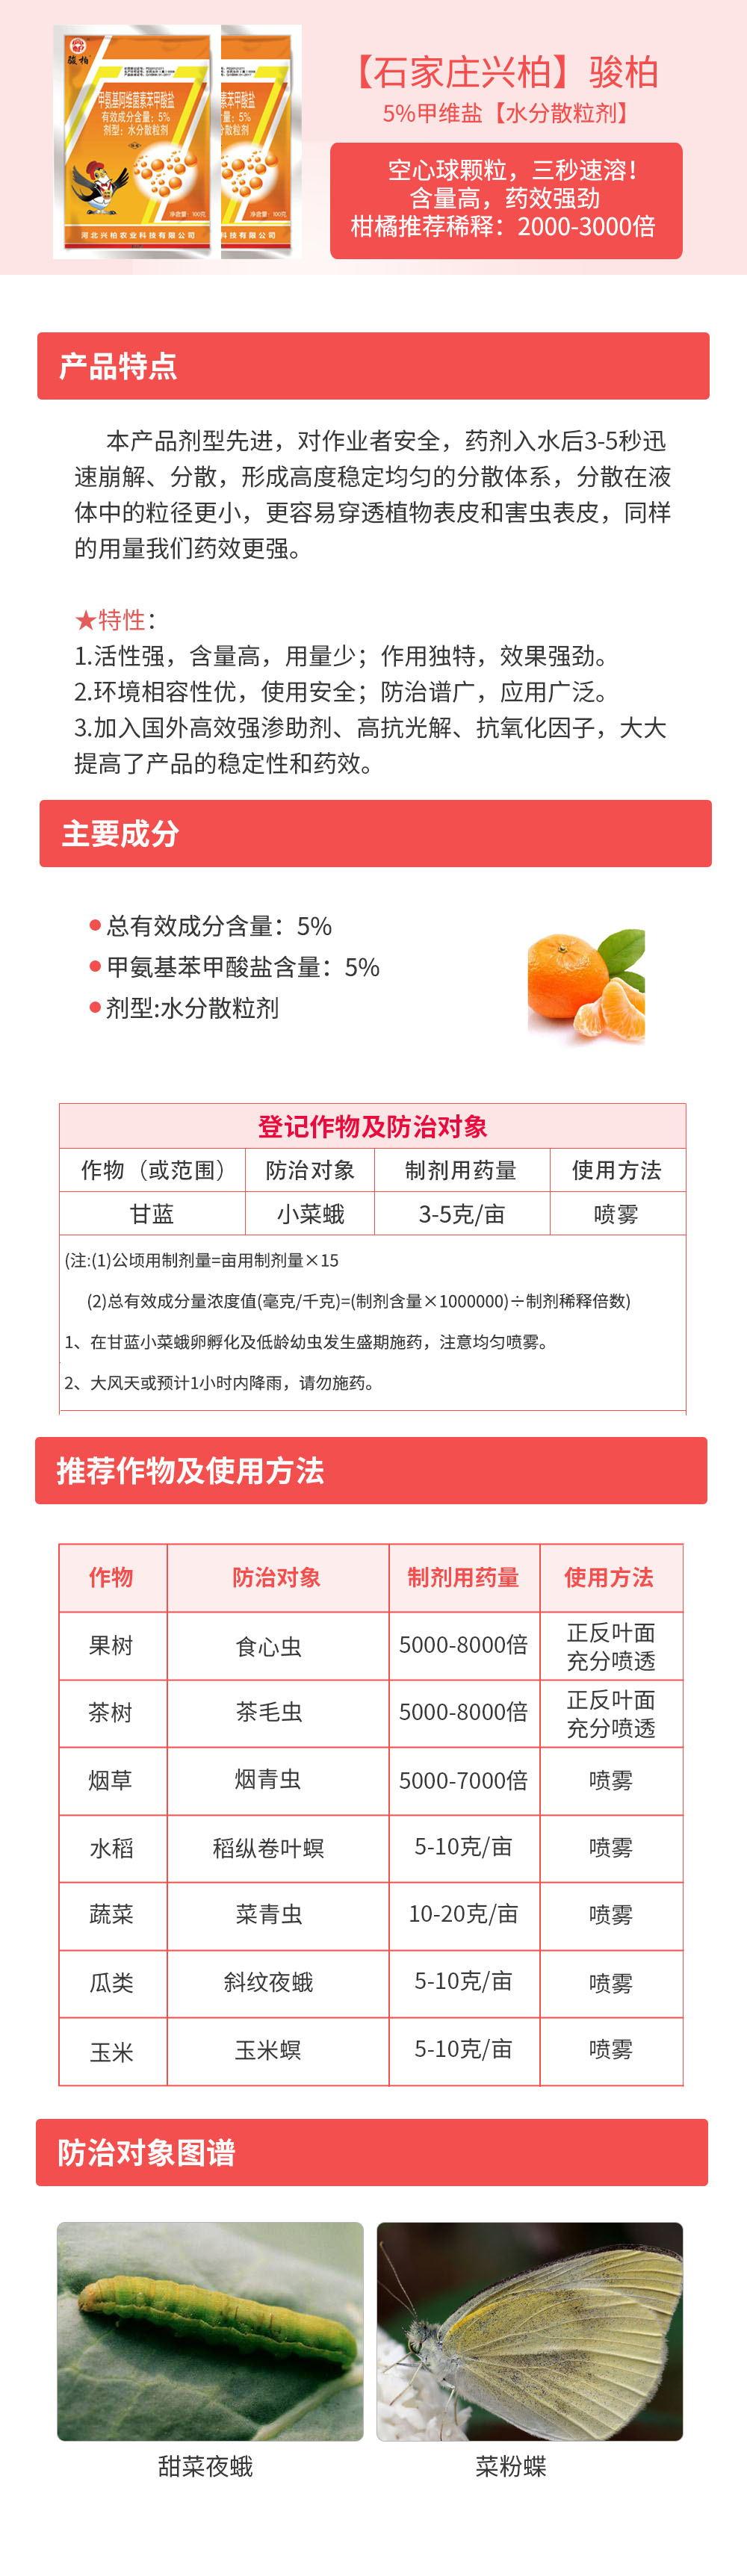 5%甲维盐商详_看图王.jpg